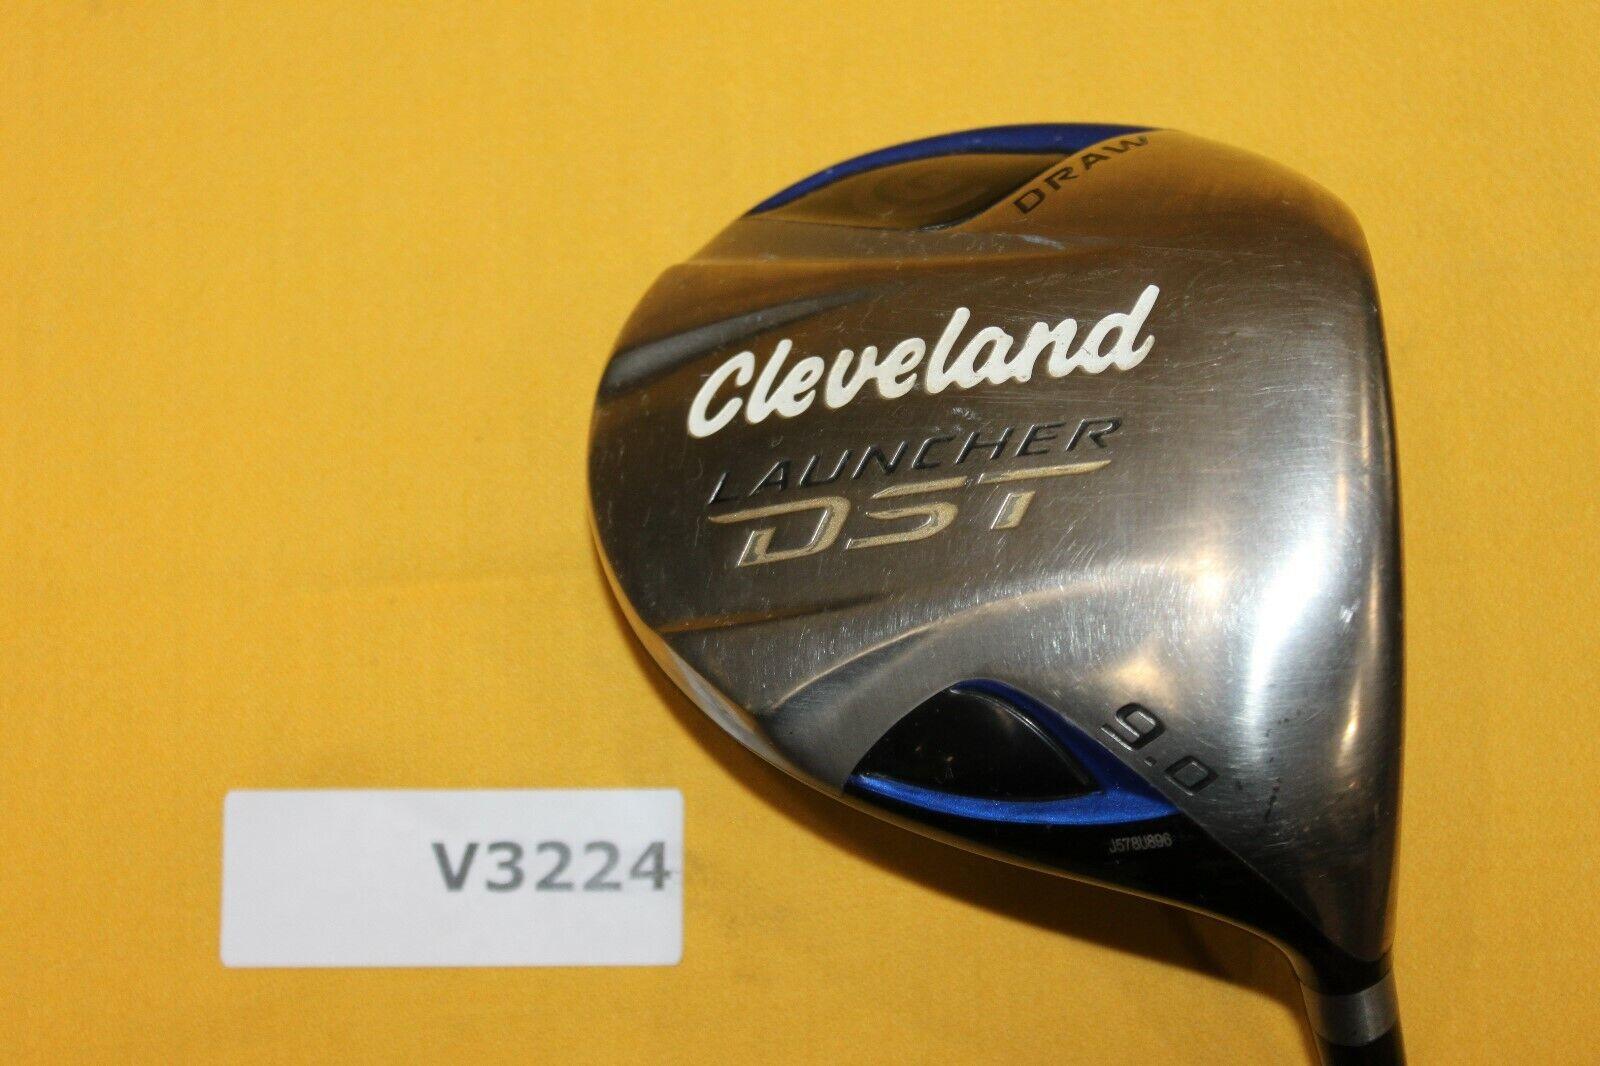 Cleveland Launcher DST 9 º Club de Grafito Dibujar controlador Diamana Regular V3224